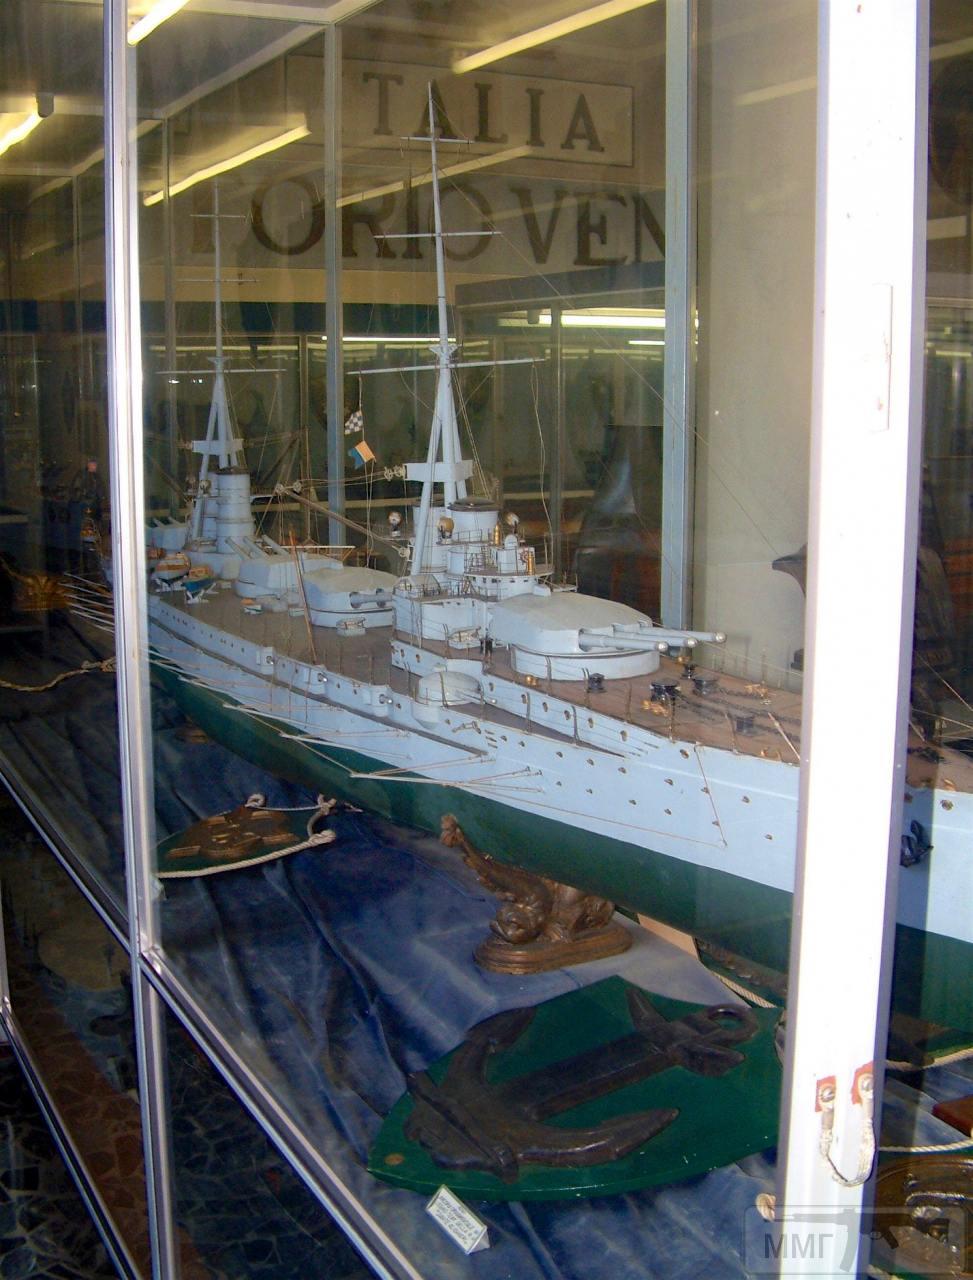 """76050 - Модель линкора """"Данте Алигьери"""" в Музее военно-морской техники в Специи."""